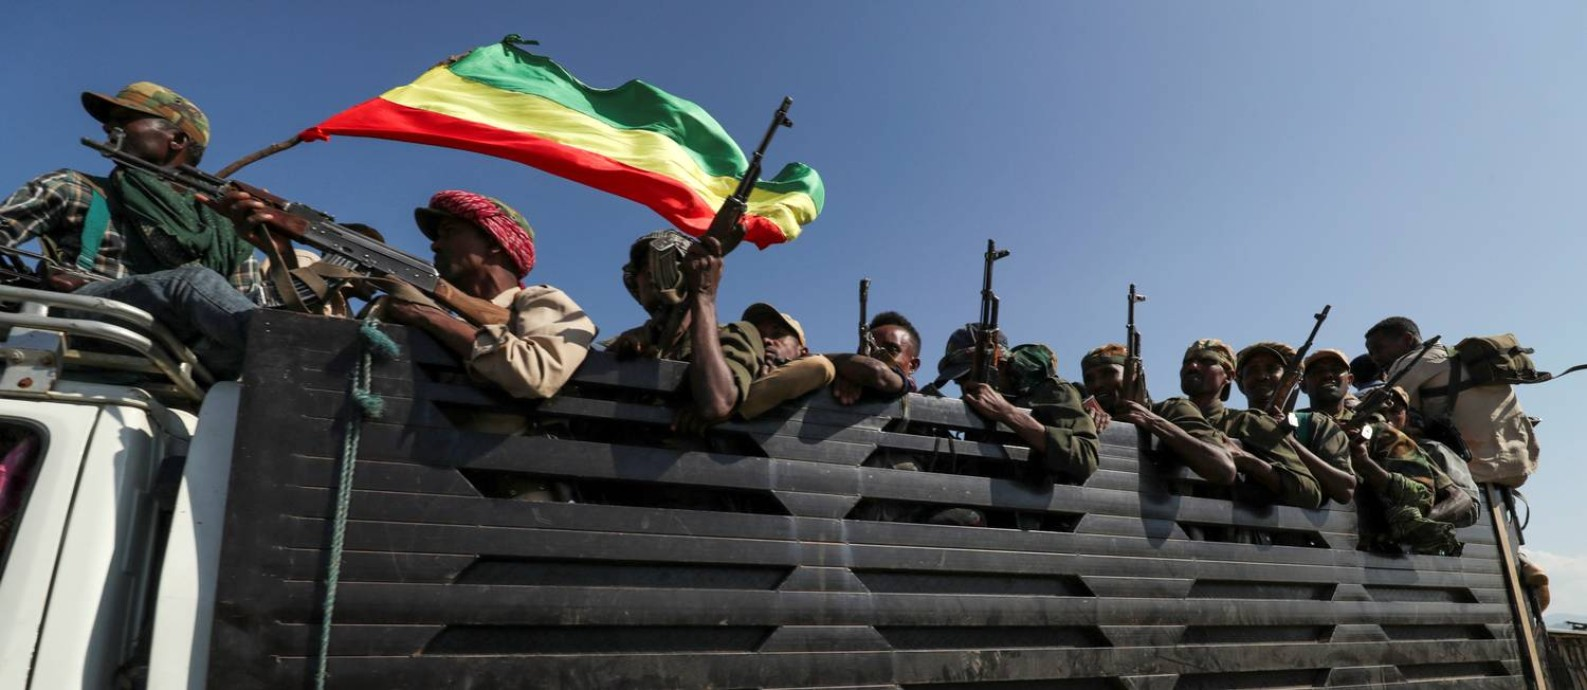 Membros de milícias da região de Amhara, que apoiam Abiy, a caminho de um confronto contra as tropas de Tigré Foto: Tiksa Negeri / Reuters